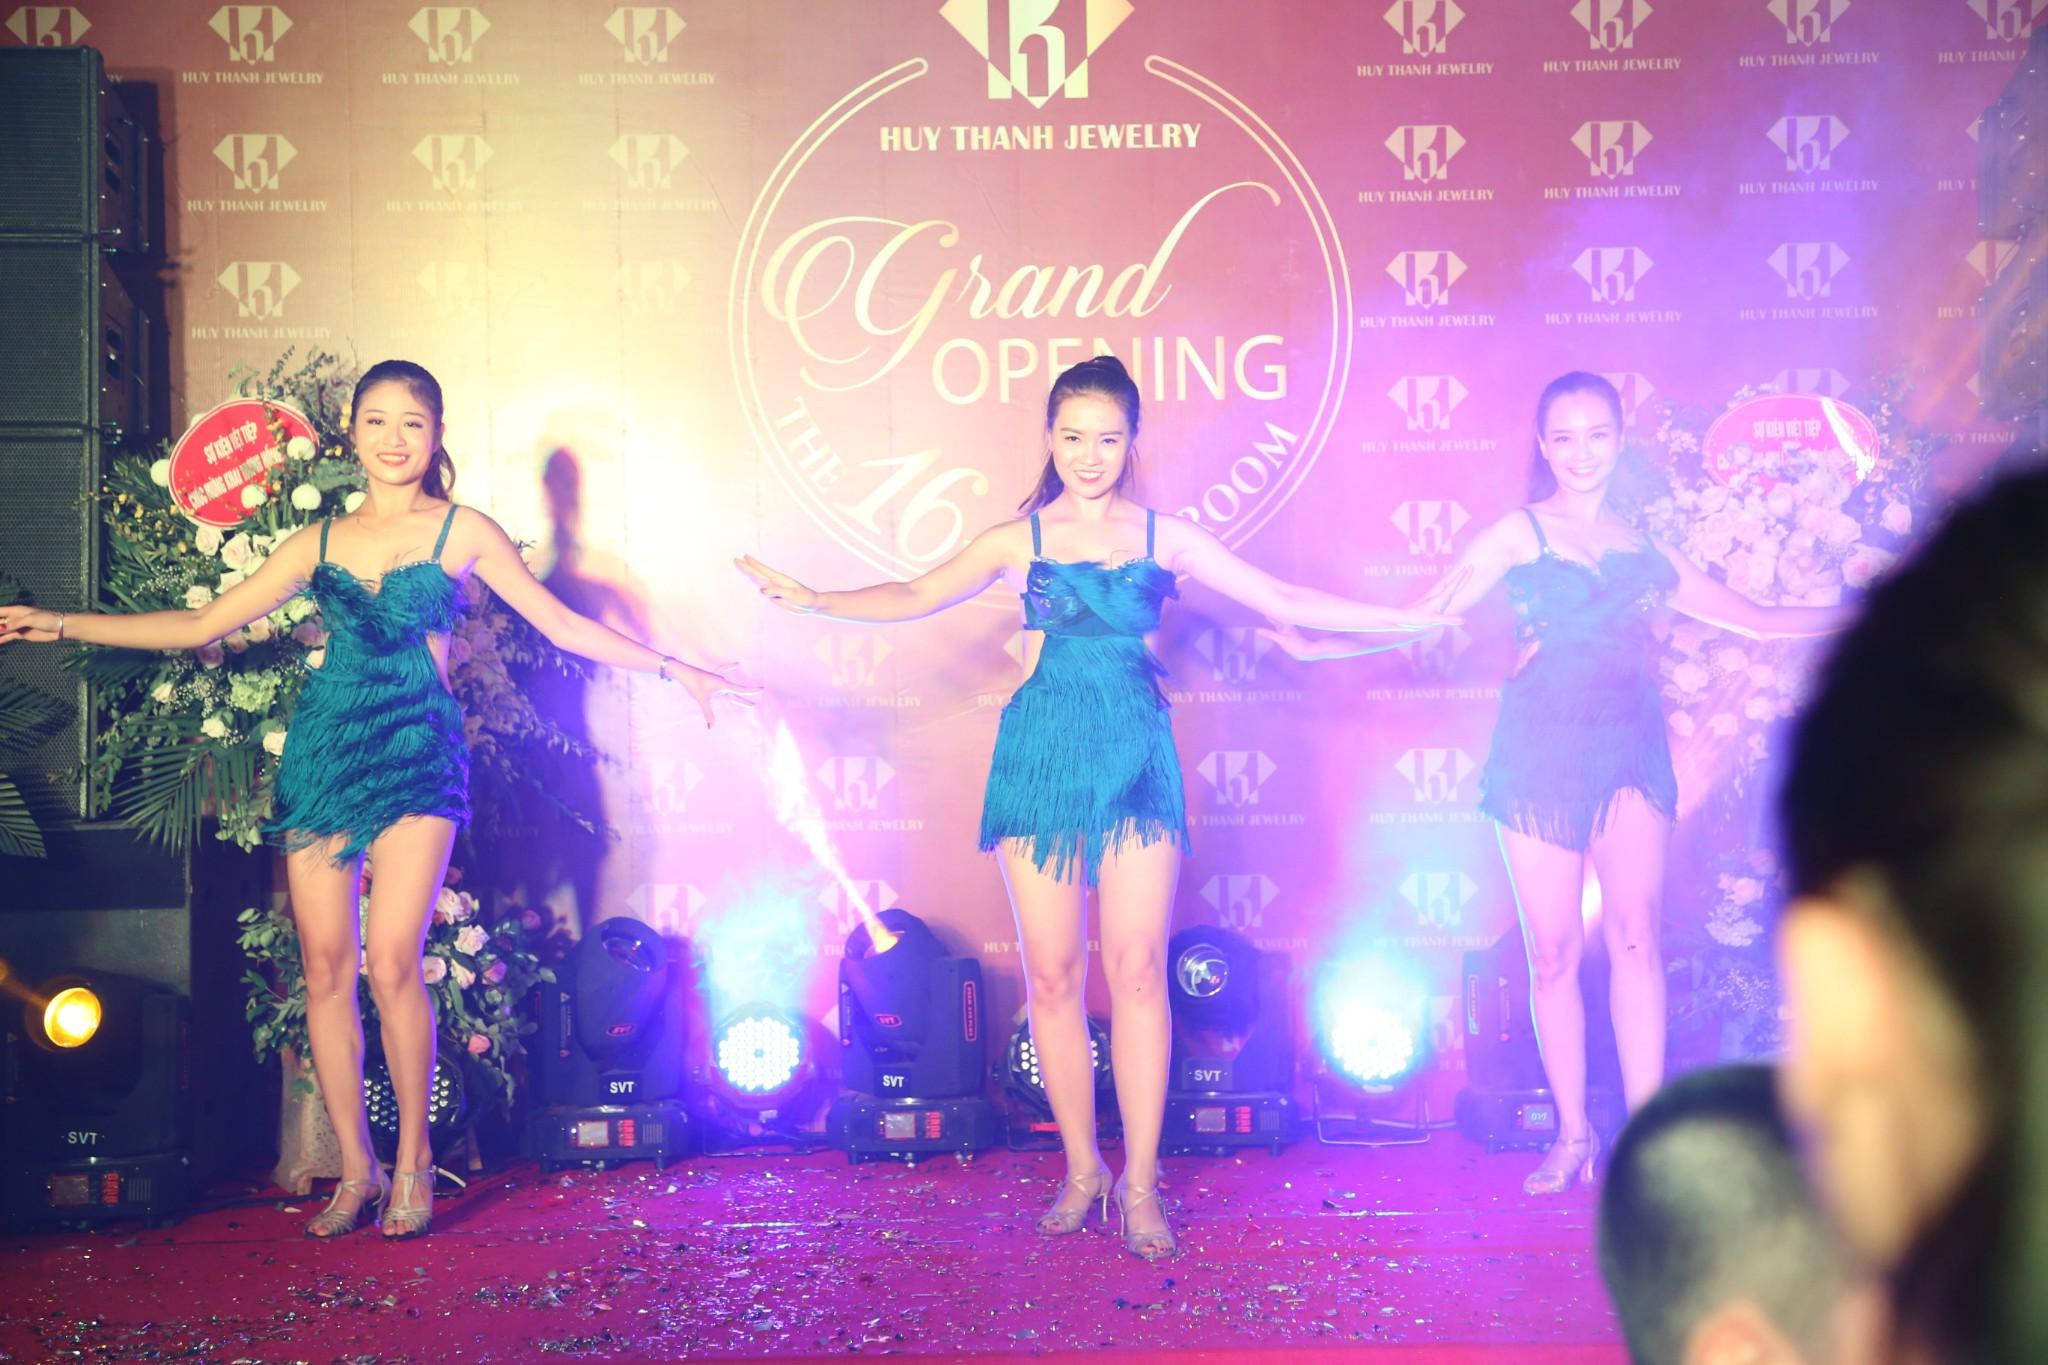 Giới trẻ Thái Nguyên háo hức chào đón sự kiện khai trương Huy Thanh Jewelry - Ảnh 2.